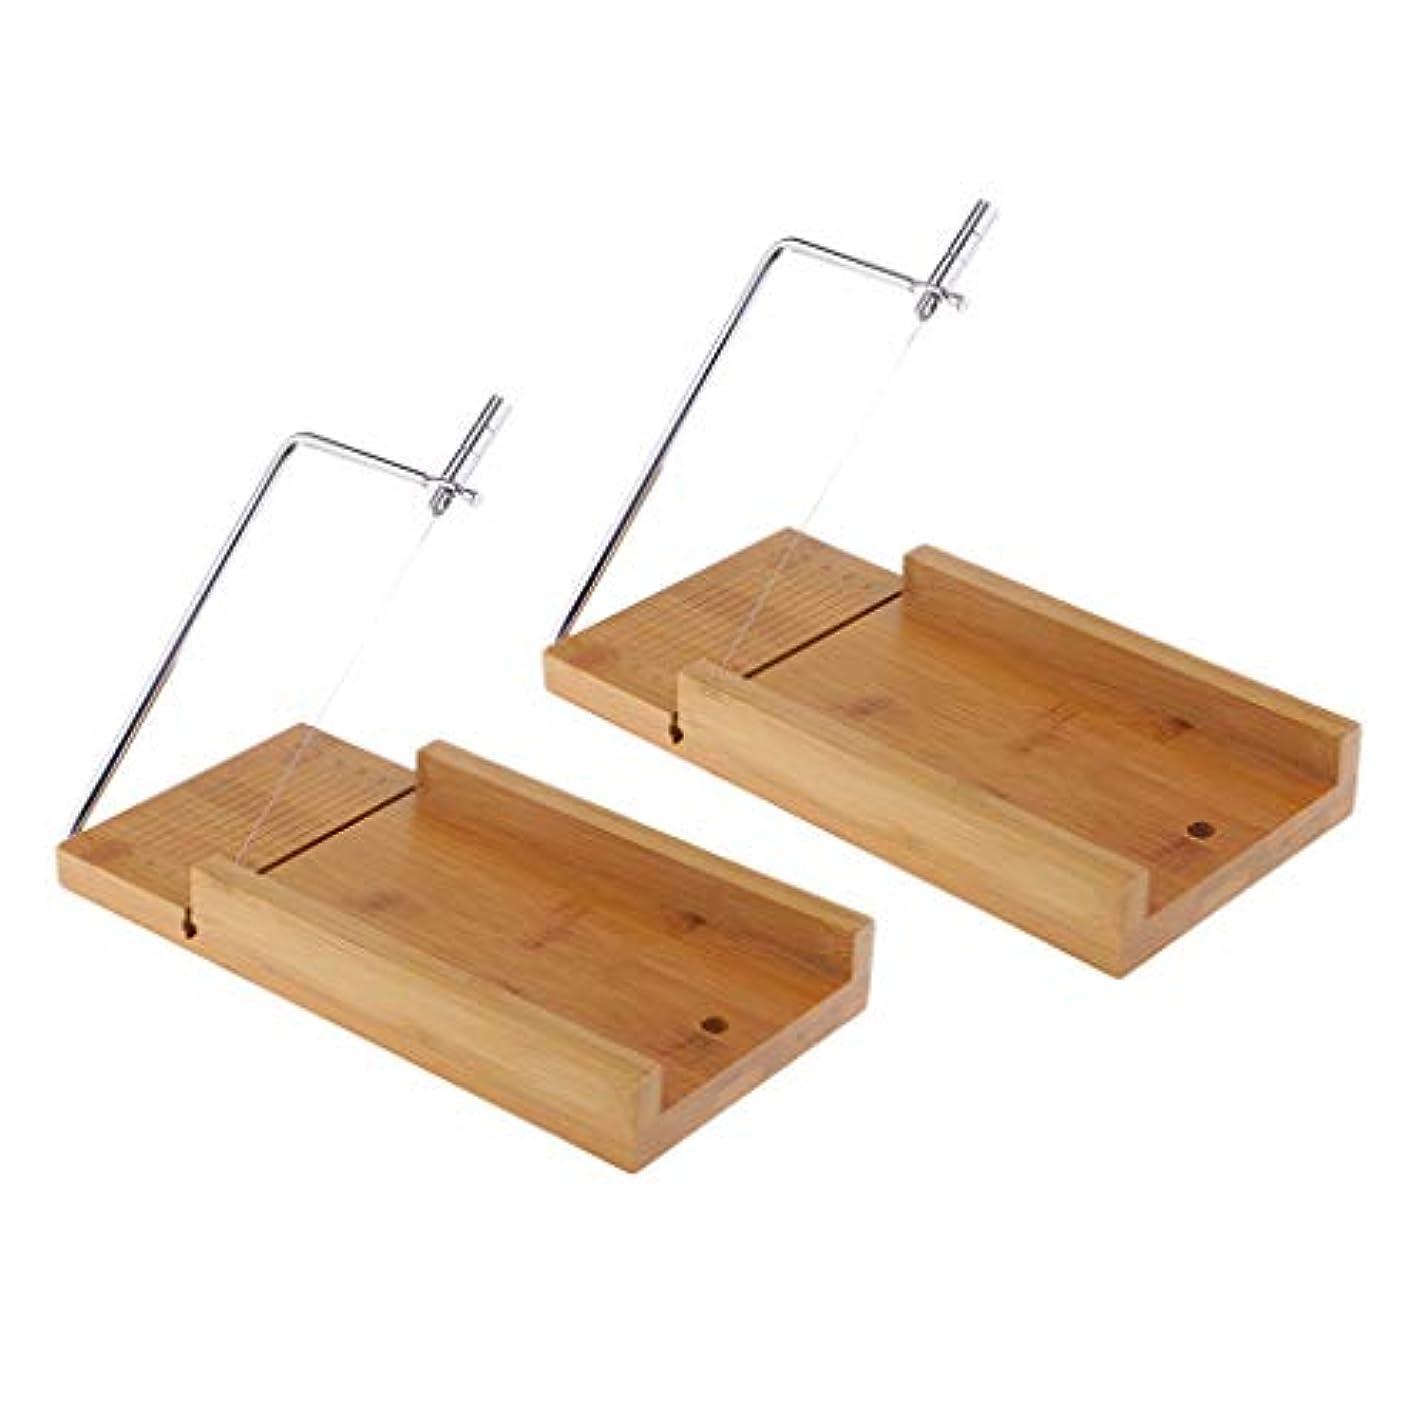 冗談でアーネストシャクルトンに同意するFLAMEER ソープカッター チーズナイフ ワイヤー せっけんカッター 台 木質 石鹸切削工具 2個入り